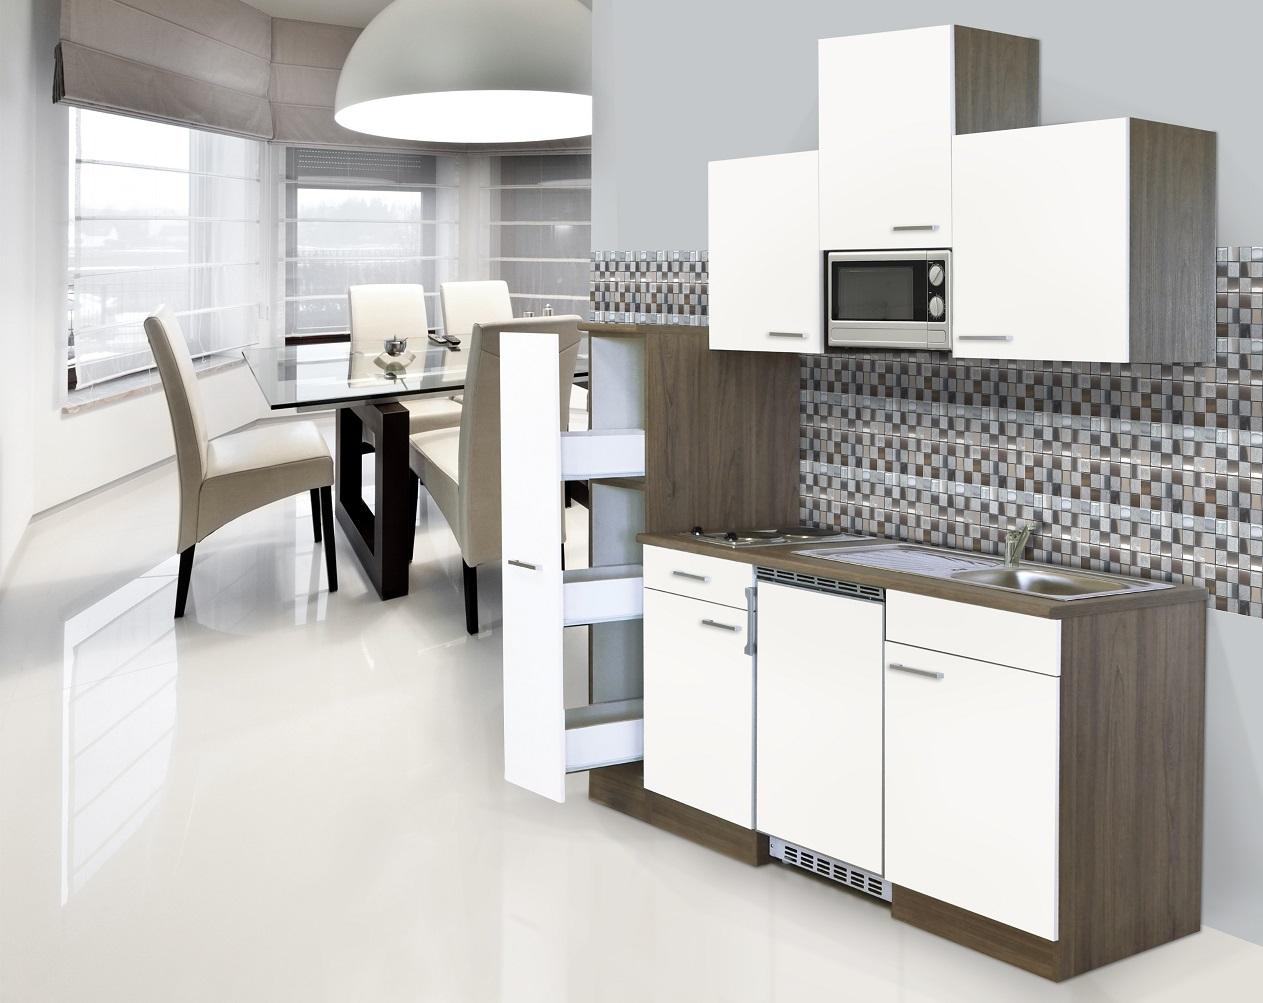 k che k chenzeile singlek che einbau k chenblock 180 cm eiche york wei respekta ebay. Black Bedroom Furniture Sets. Home Design Ideas